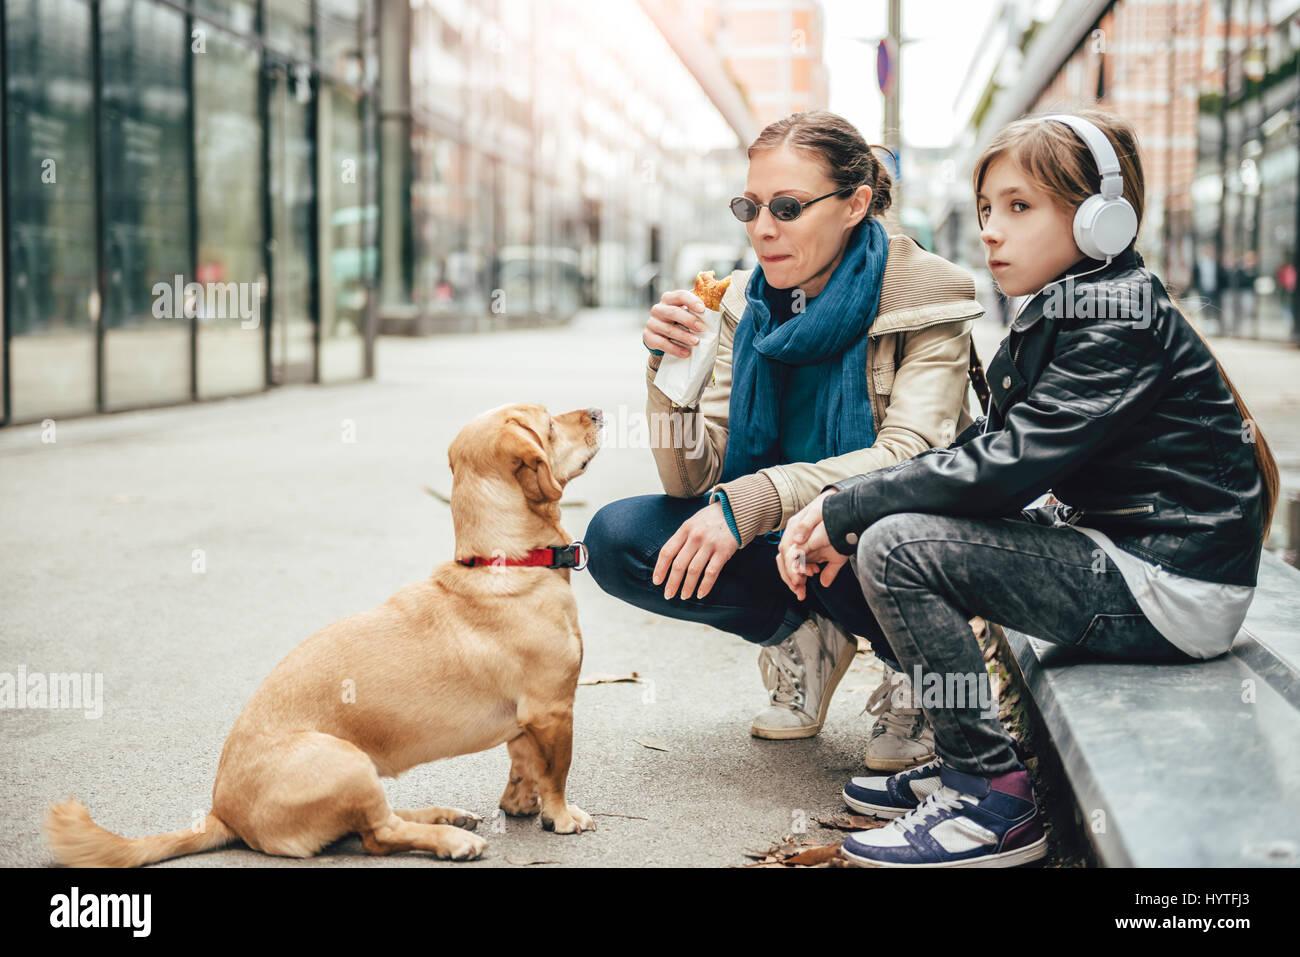 Mère eating sandwich et à la recherche à un chien bien que fille d'écouter de la musique Photo Stock